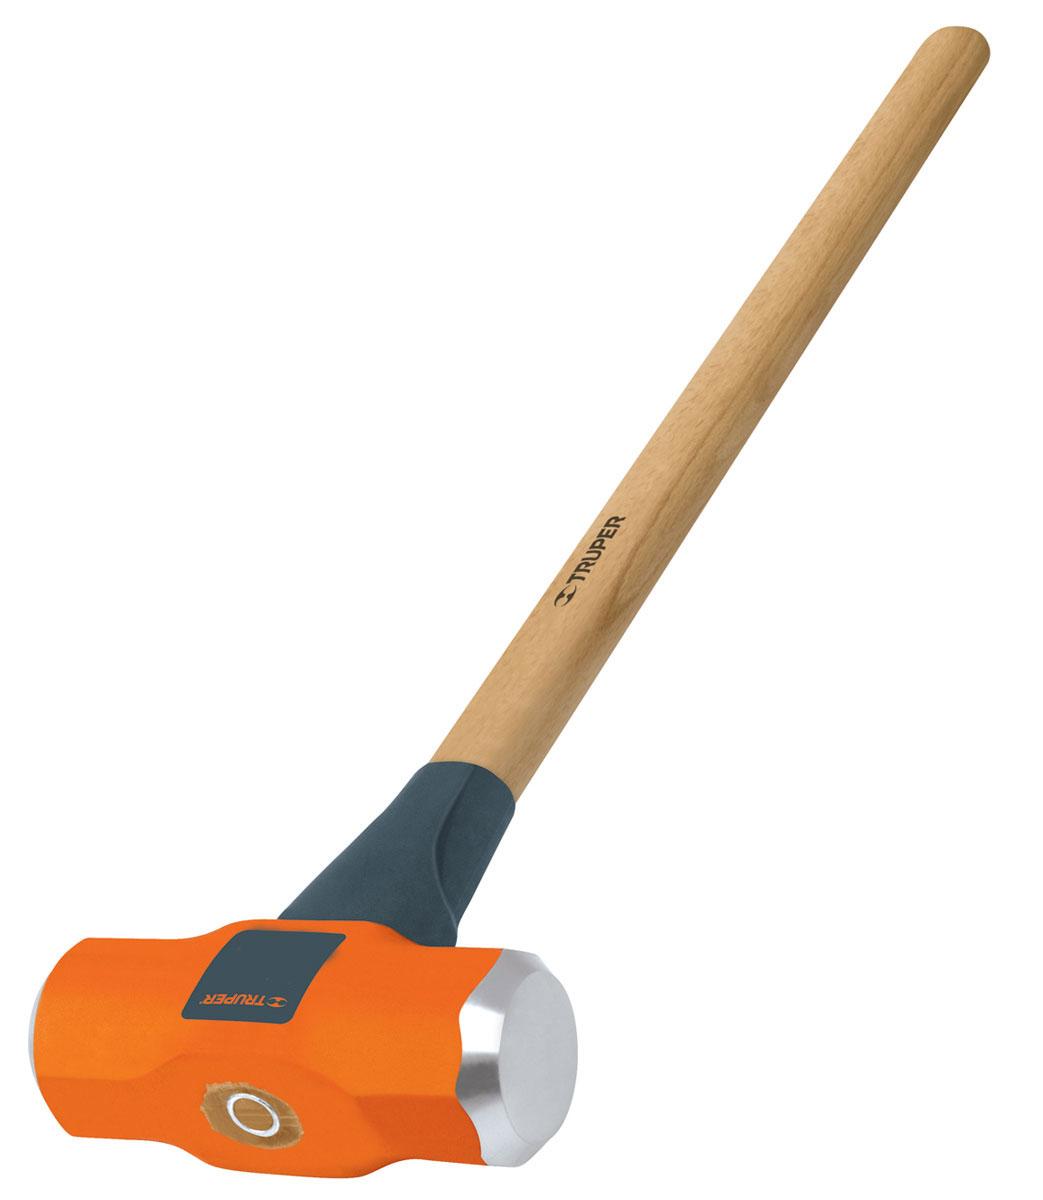 Кувалда Truper, с деревянной рукояткой, 3,62 кгАксион Т-33Кувалда Truper предназначена для нанесения исключительно сильных ударов при обработке металла, на демонтаже и монтаже конструкций. Деревянная ручка с антишоковой защитой, изготовленная из дуба, обеспечивает надежный хват. Финишная обработка бойка.